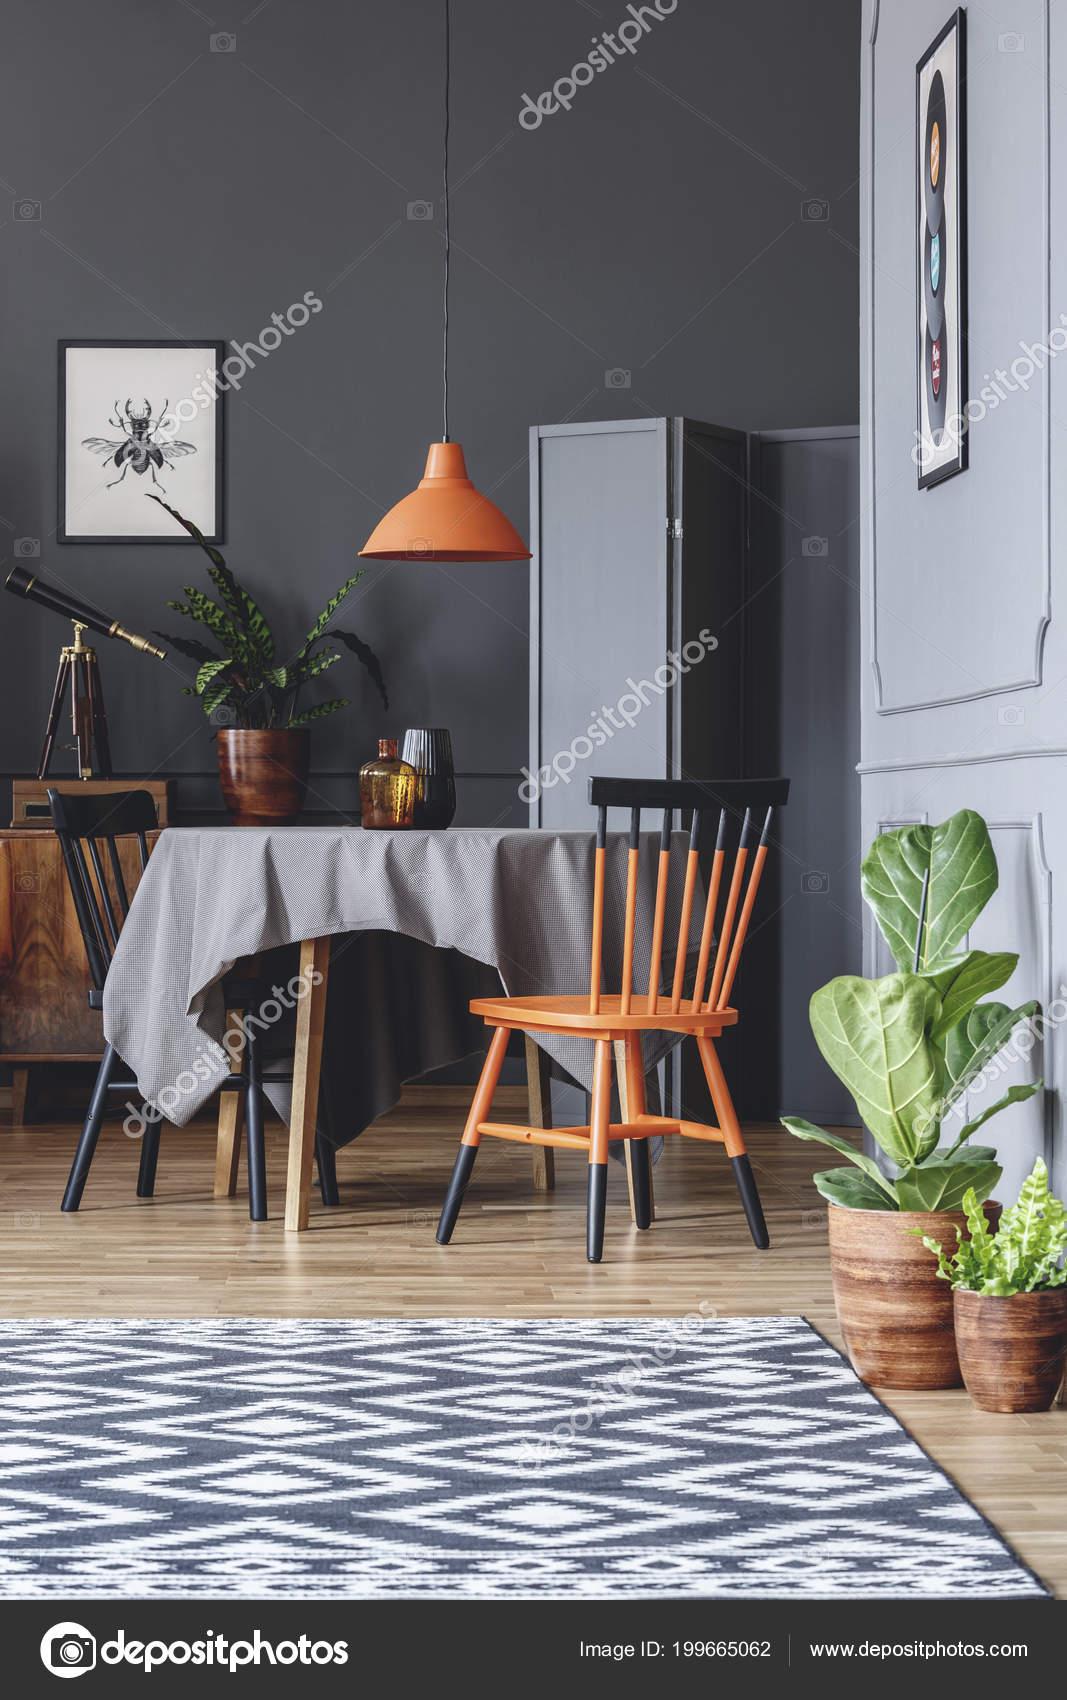 Interieur Salle Manger Avec Une Table Des Chaises Noirs Orange